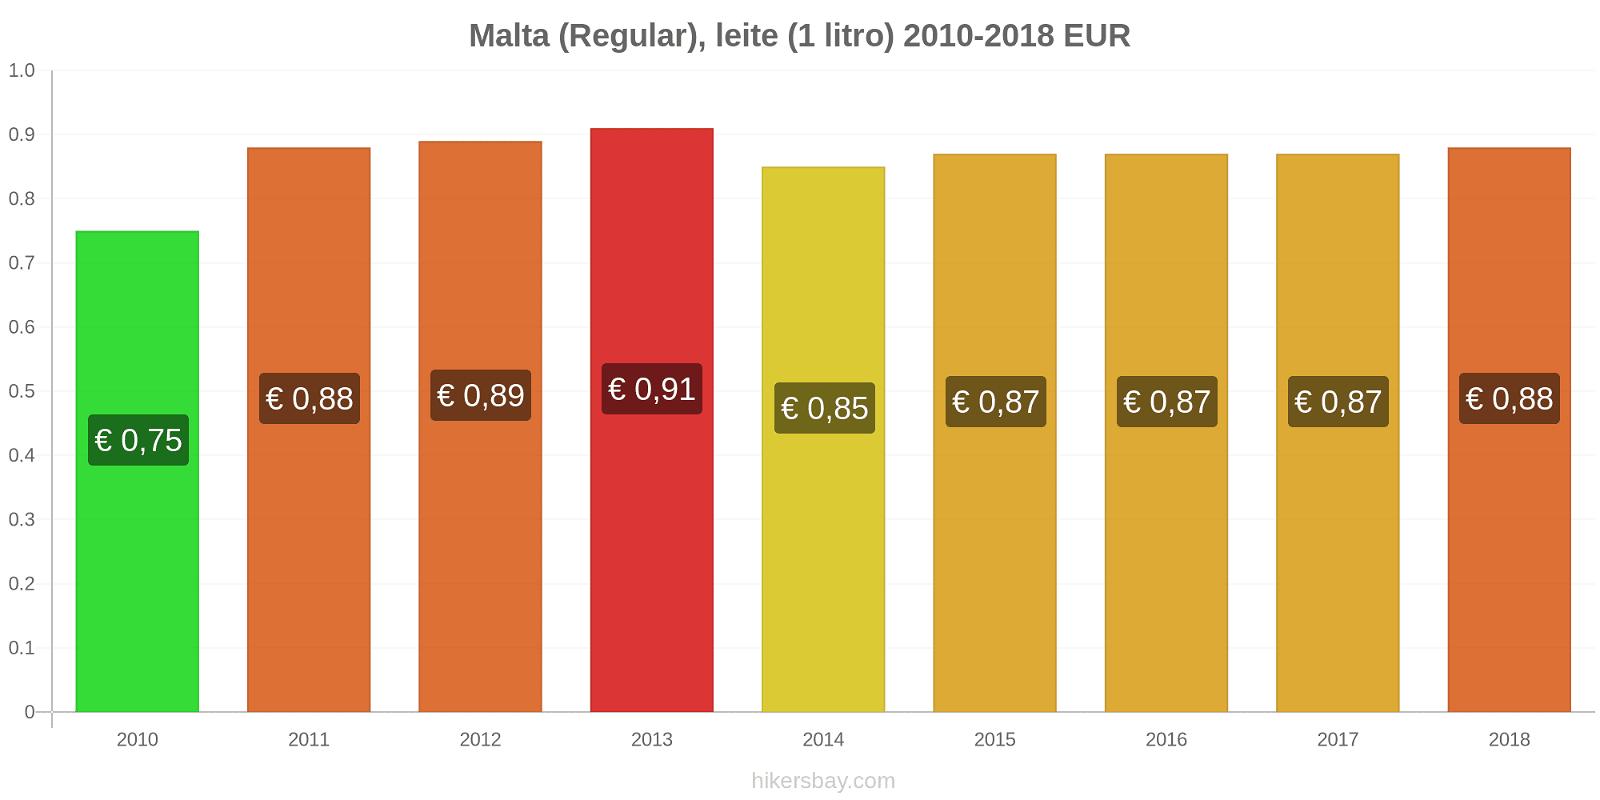 Malta variação de preço (Regular), leite (1 litro) hikersbay.com